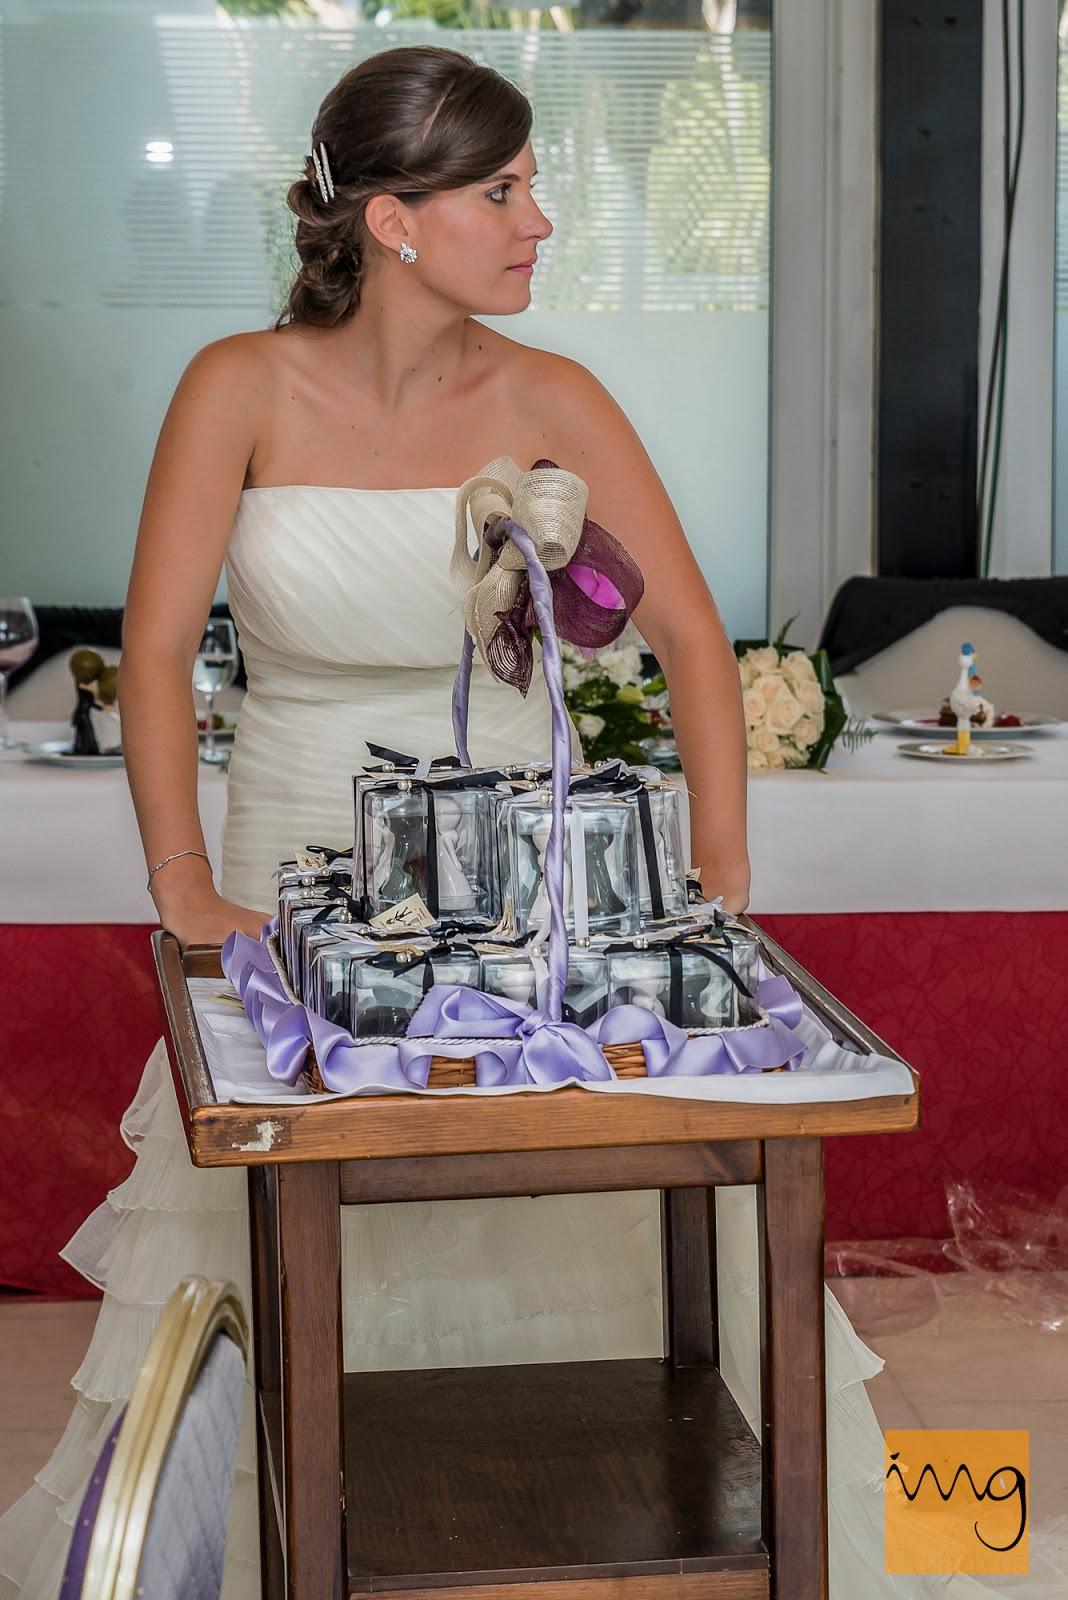 Fotografía de la novia con el carrito de regalos